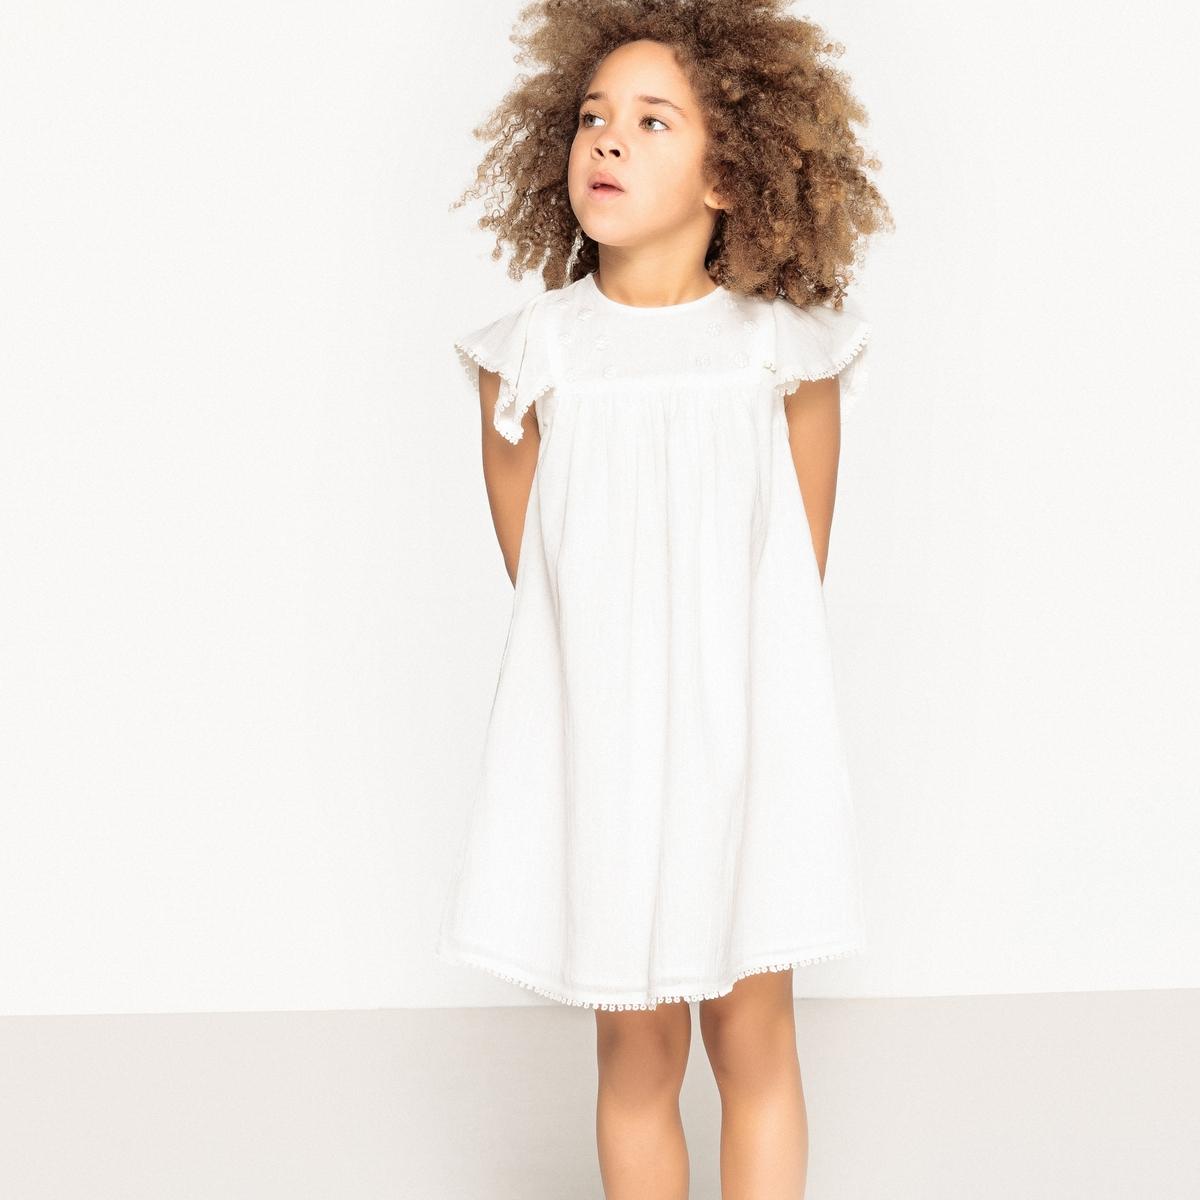 Платье с вышивкой и воланами на рукавах, 3-12 лет футболка с вышивкой и воланами 3 12 лет